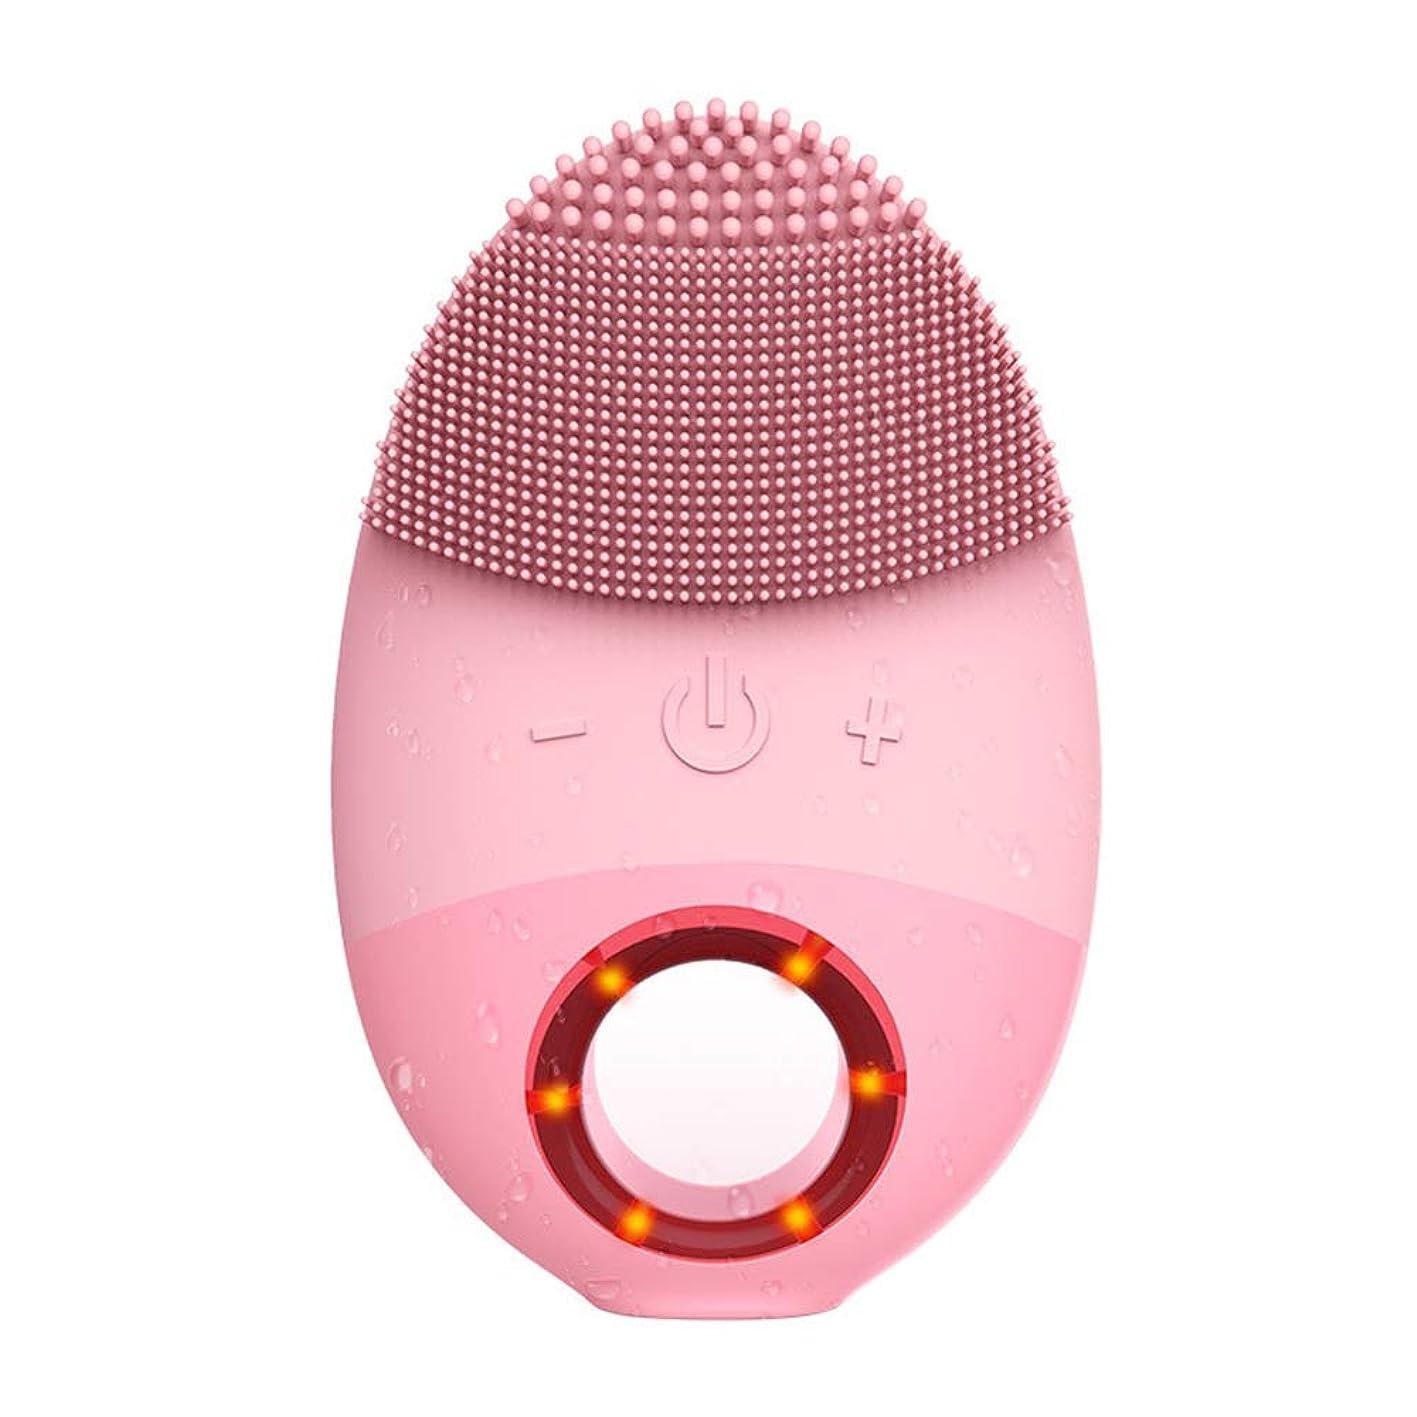 西ギャンブルプロペラZXF 多機能シリコン防水洗浄ブラシ超音波振動洗浄器具美容器具マッサージ器具洗浄器具 滑らかである (色 : Pink)